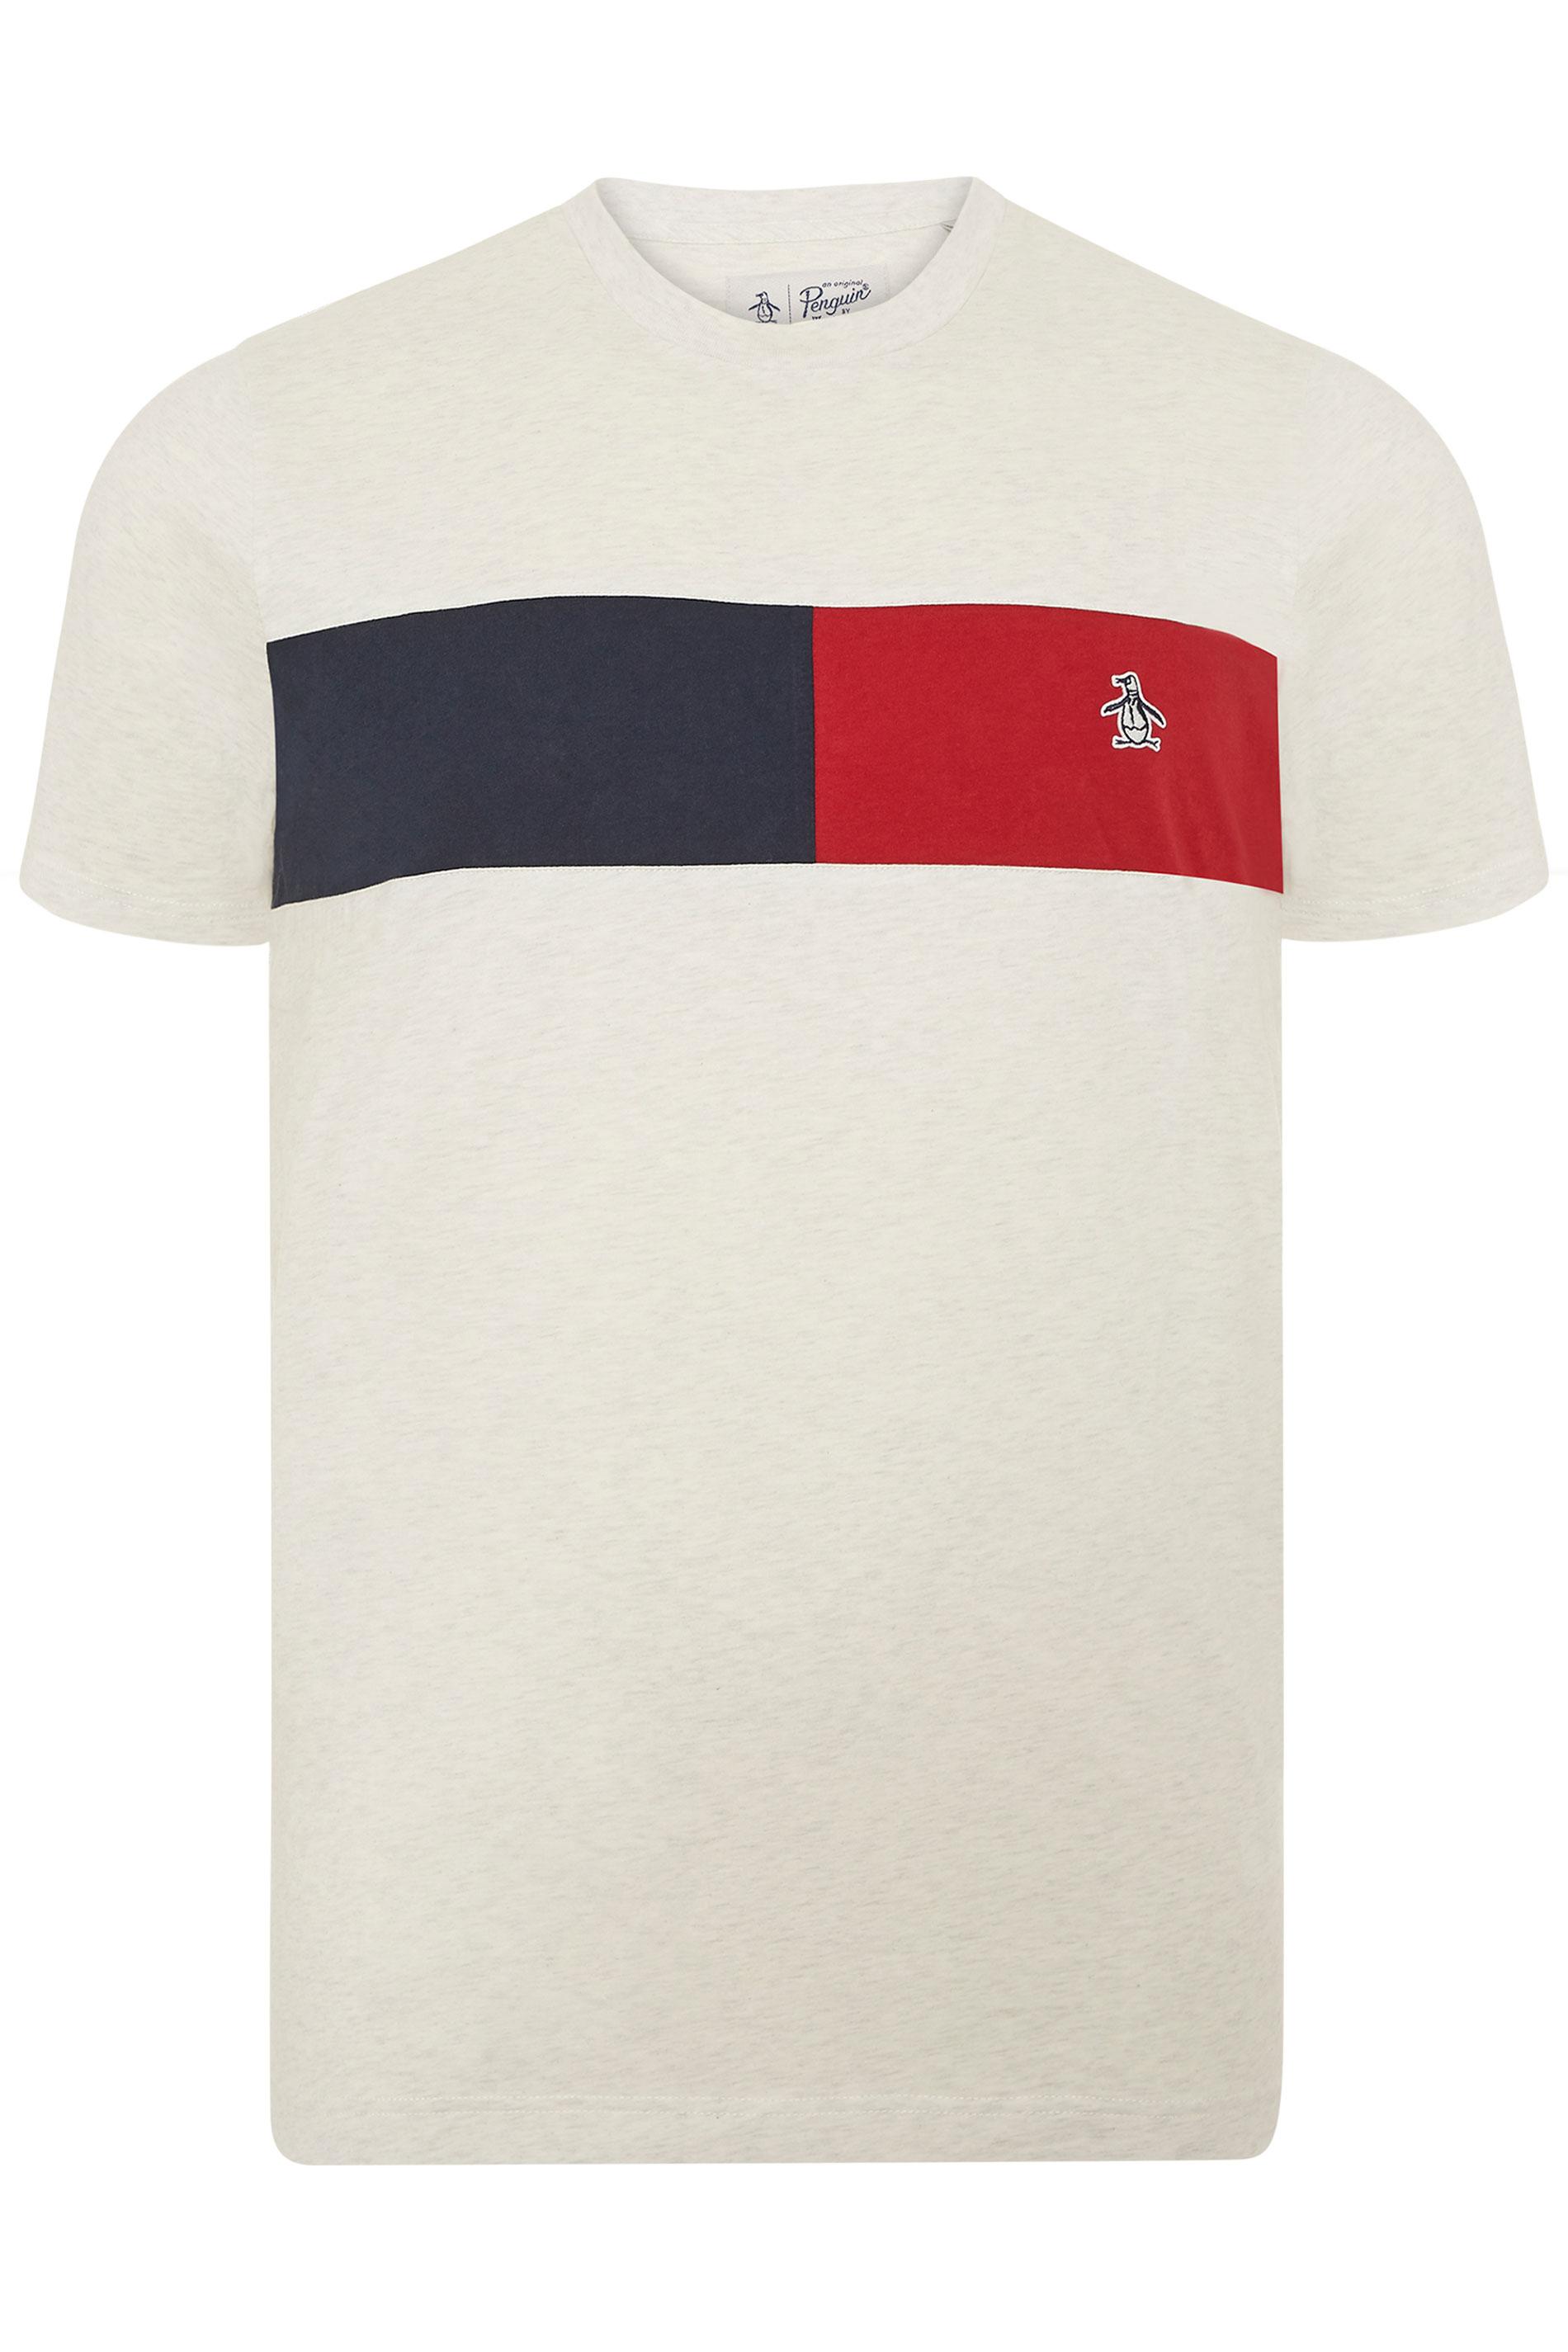 PENGUIN MUNSINGWEAR Grey Marl Colour Block T-Shirt